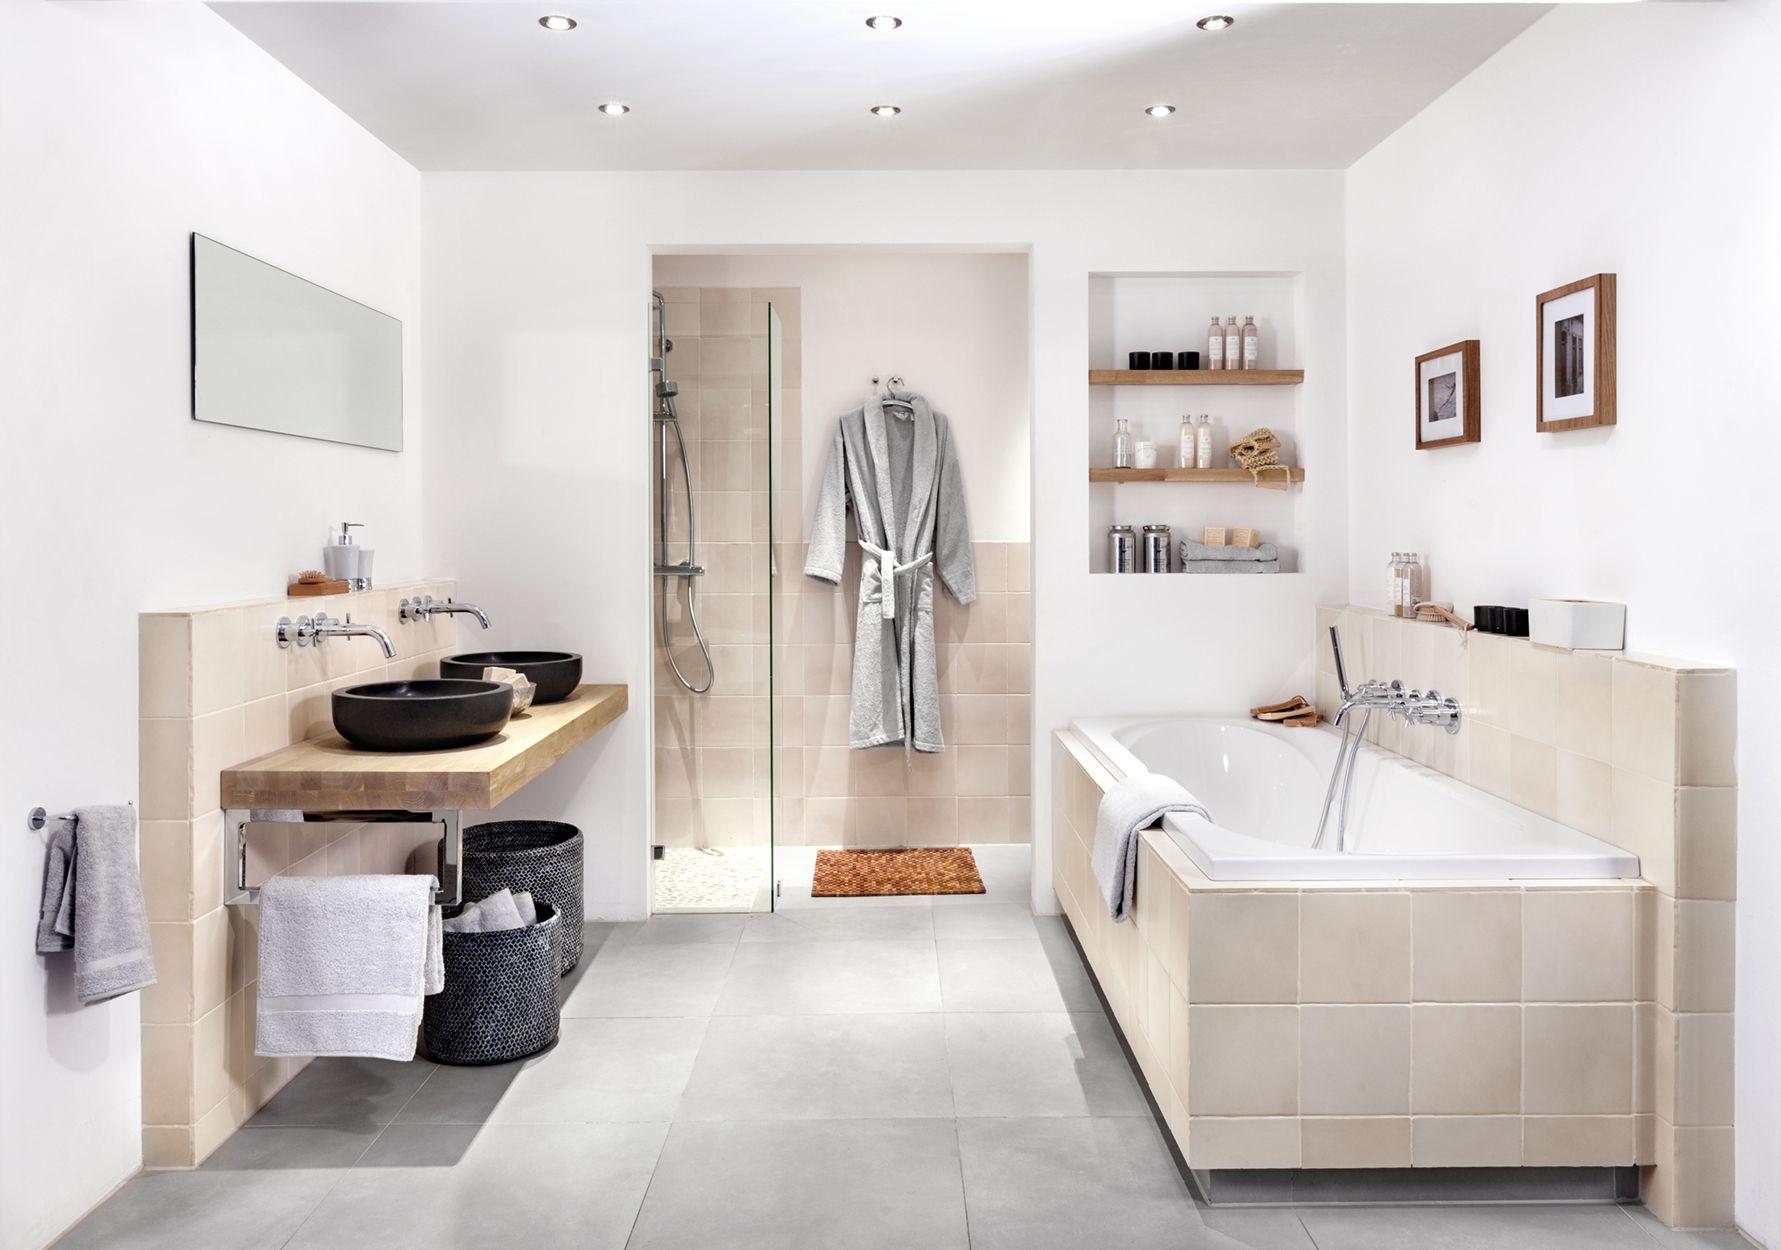 Naturel, dat is het woord wat het beste past bij Brugman badkamer ...